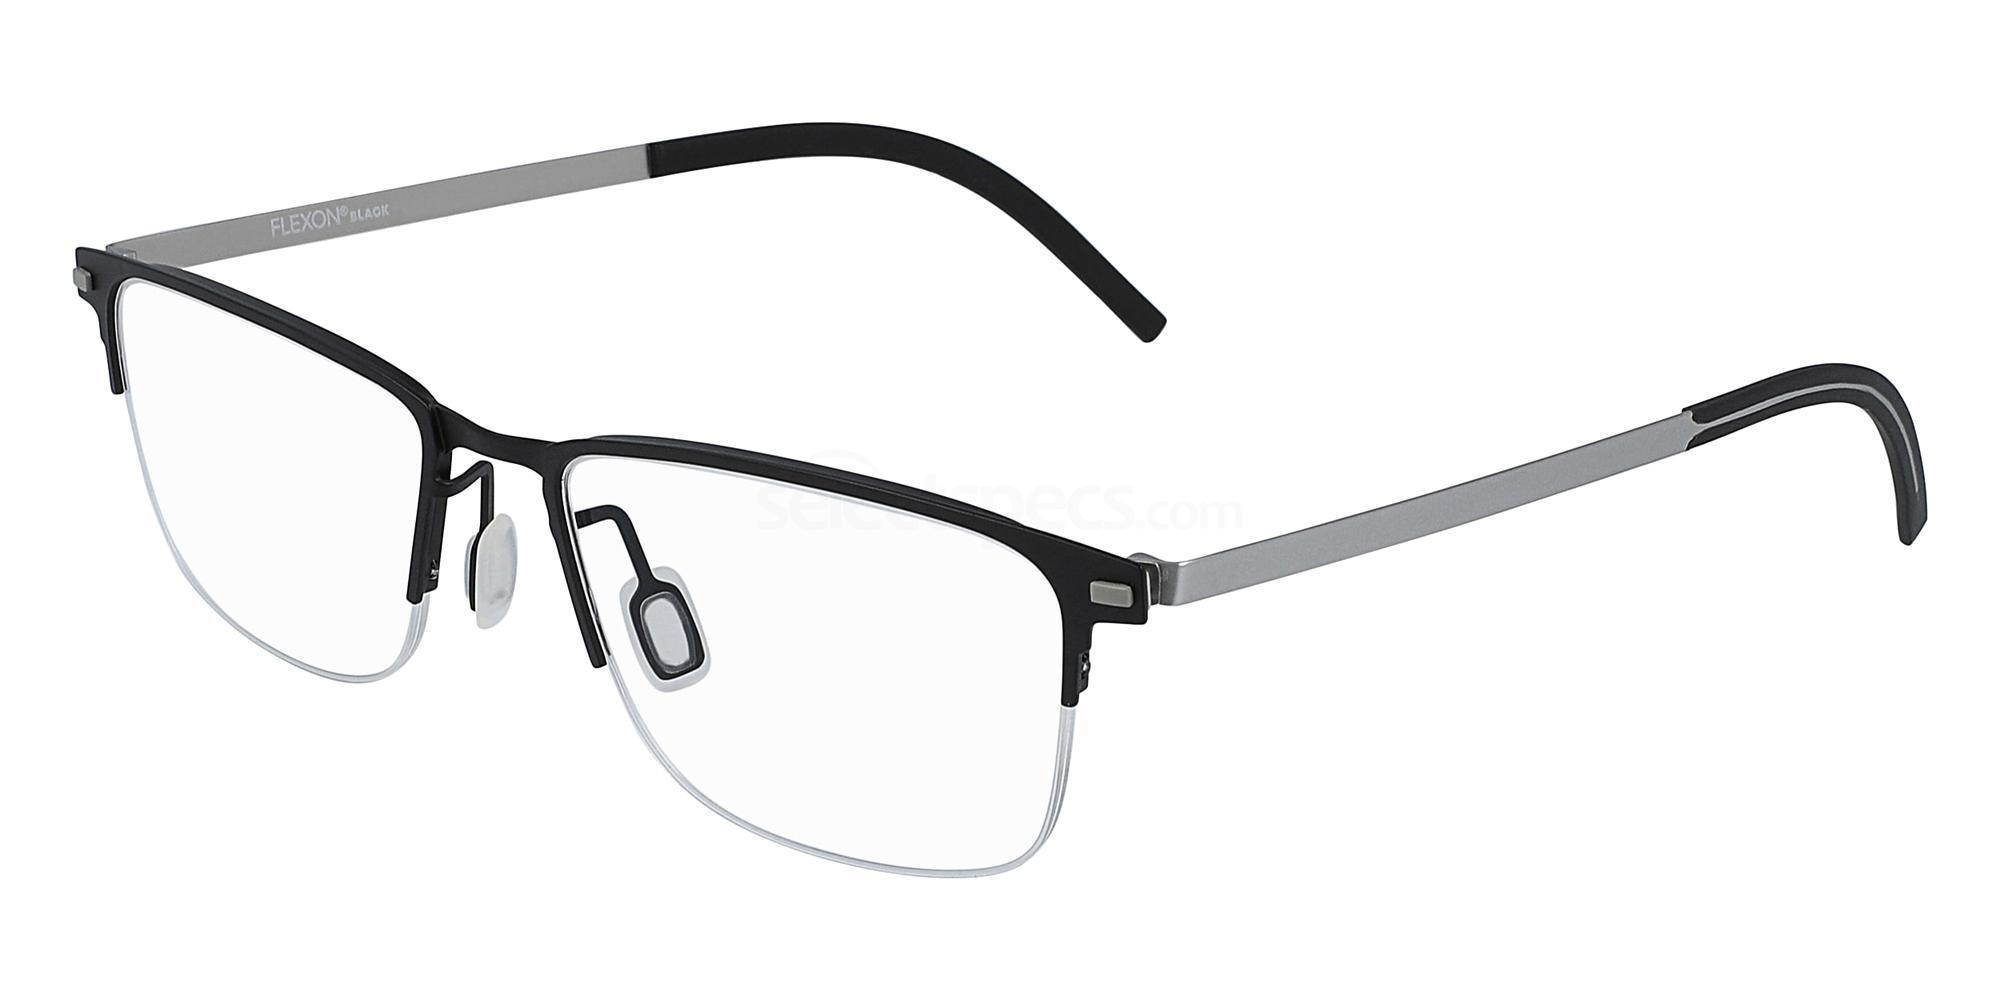 001 FLEXON B2030 Glasses, Flexon